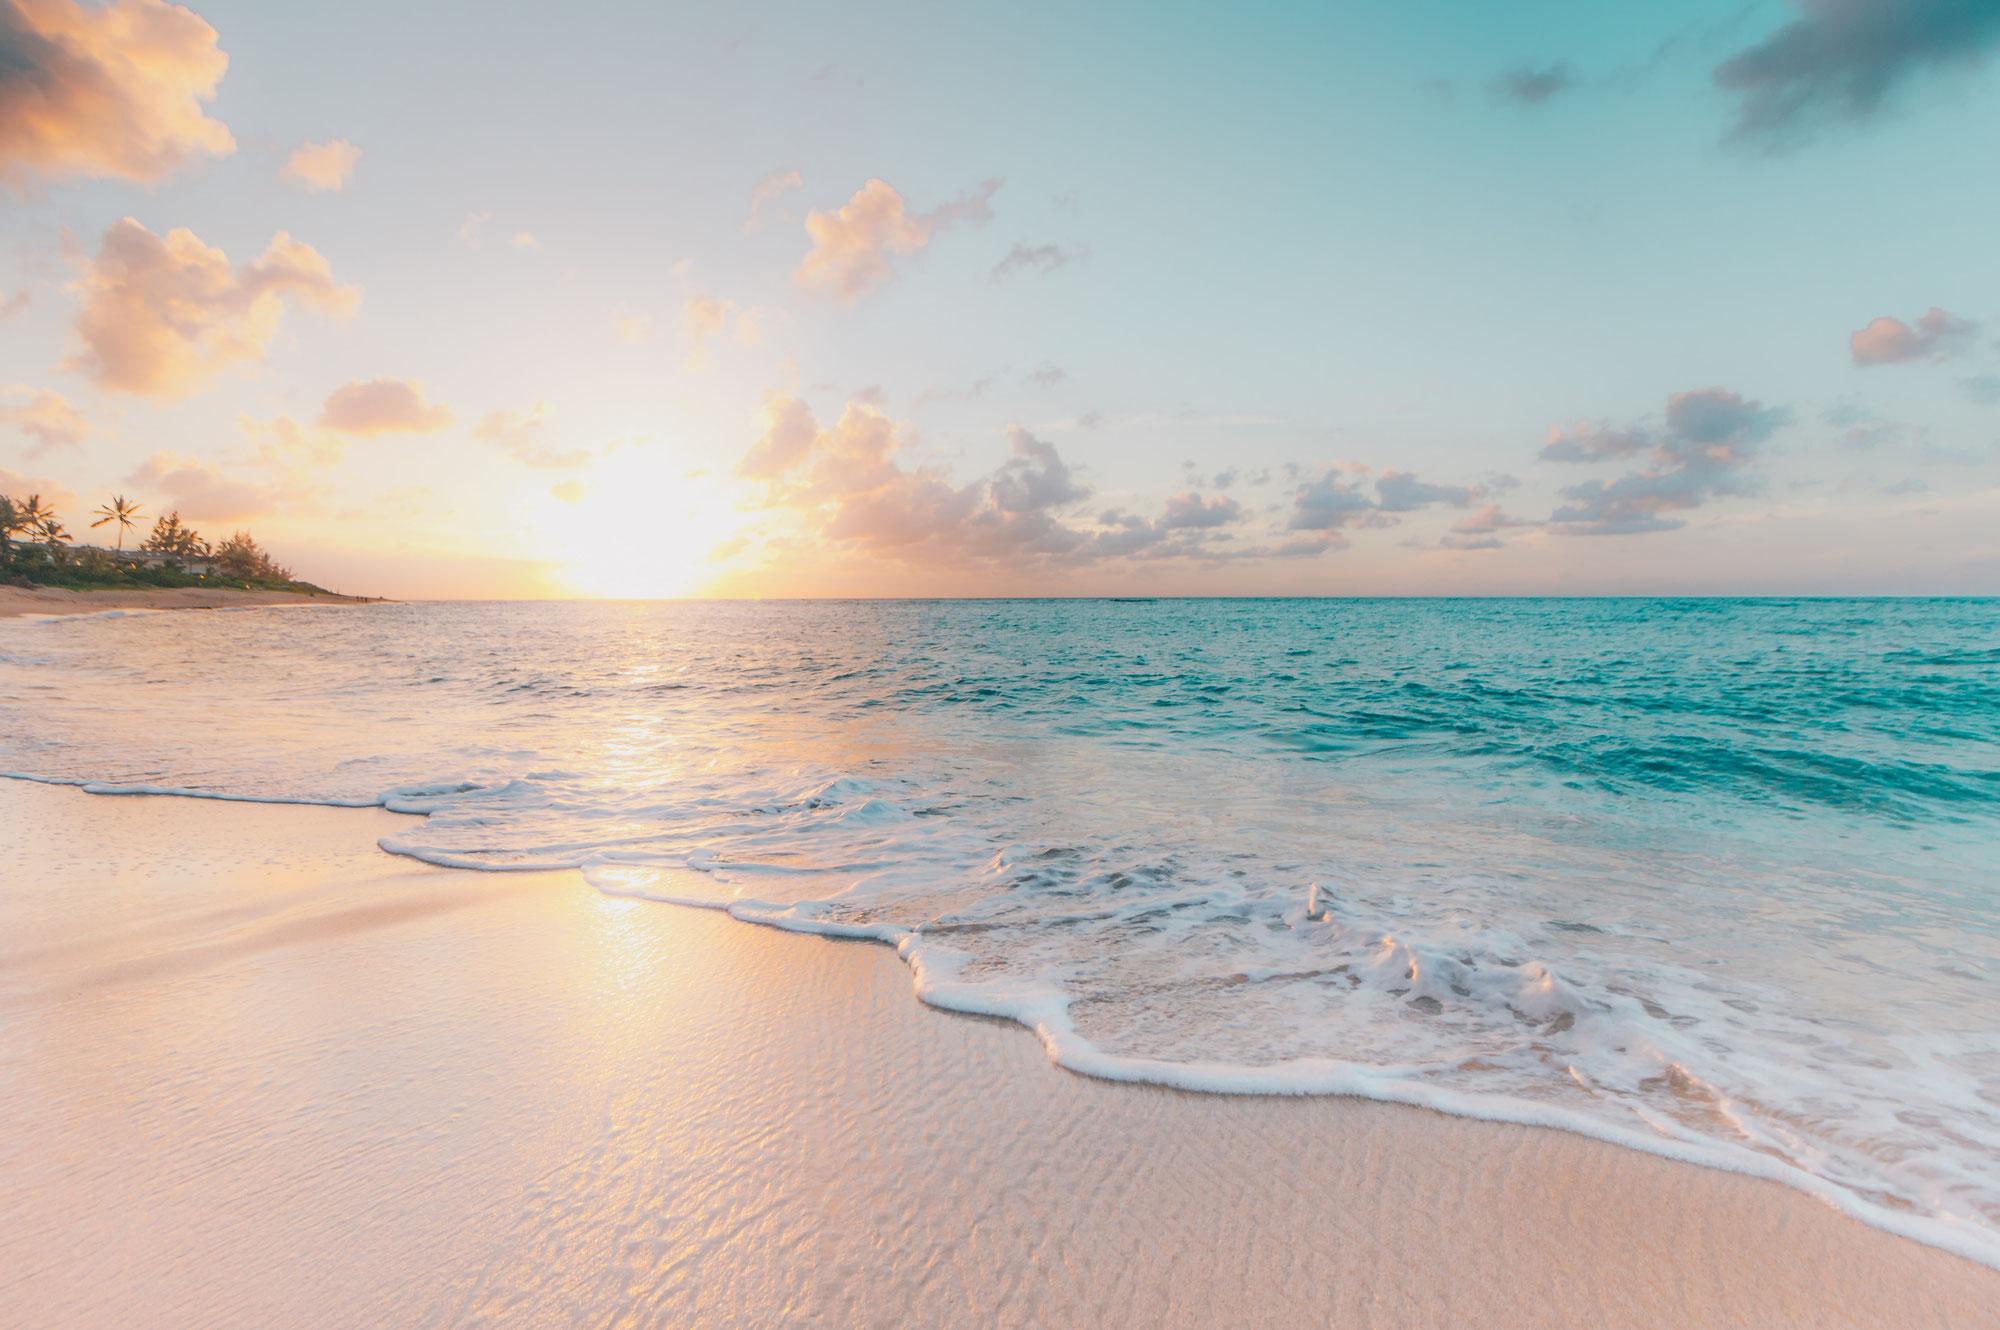 #43 Special: Ein Monat  Selfcare, Wohlbefinden und inneres Wachstum - Resümee zum Joyful July